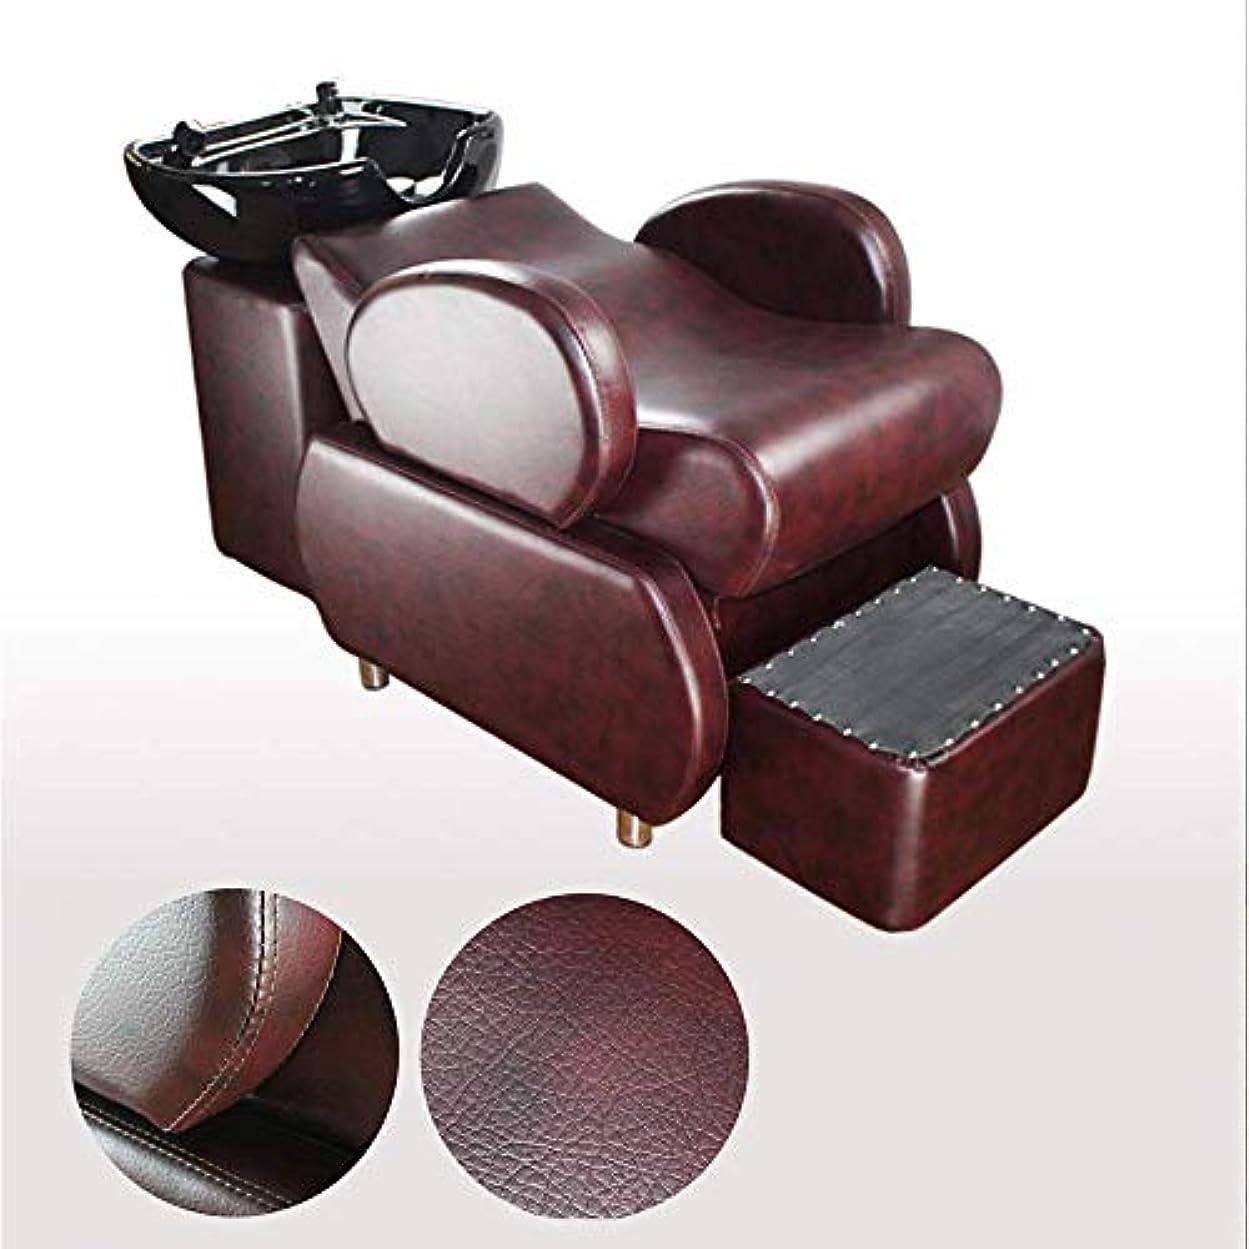 思われる保守可能付けるシャンプーチェア、逆洗ユニットシャンプーボウル理髪シンク椅子半横たわっているシャンプーベッドスパ美容院機器